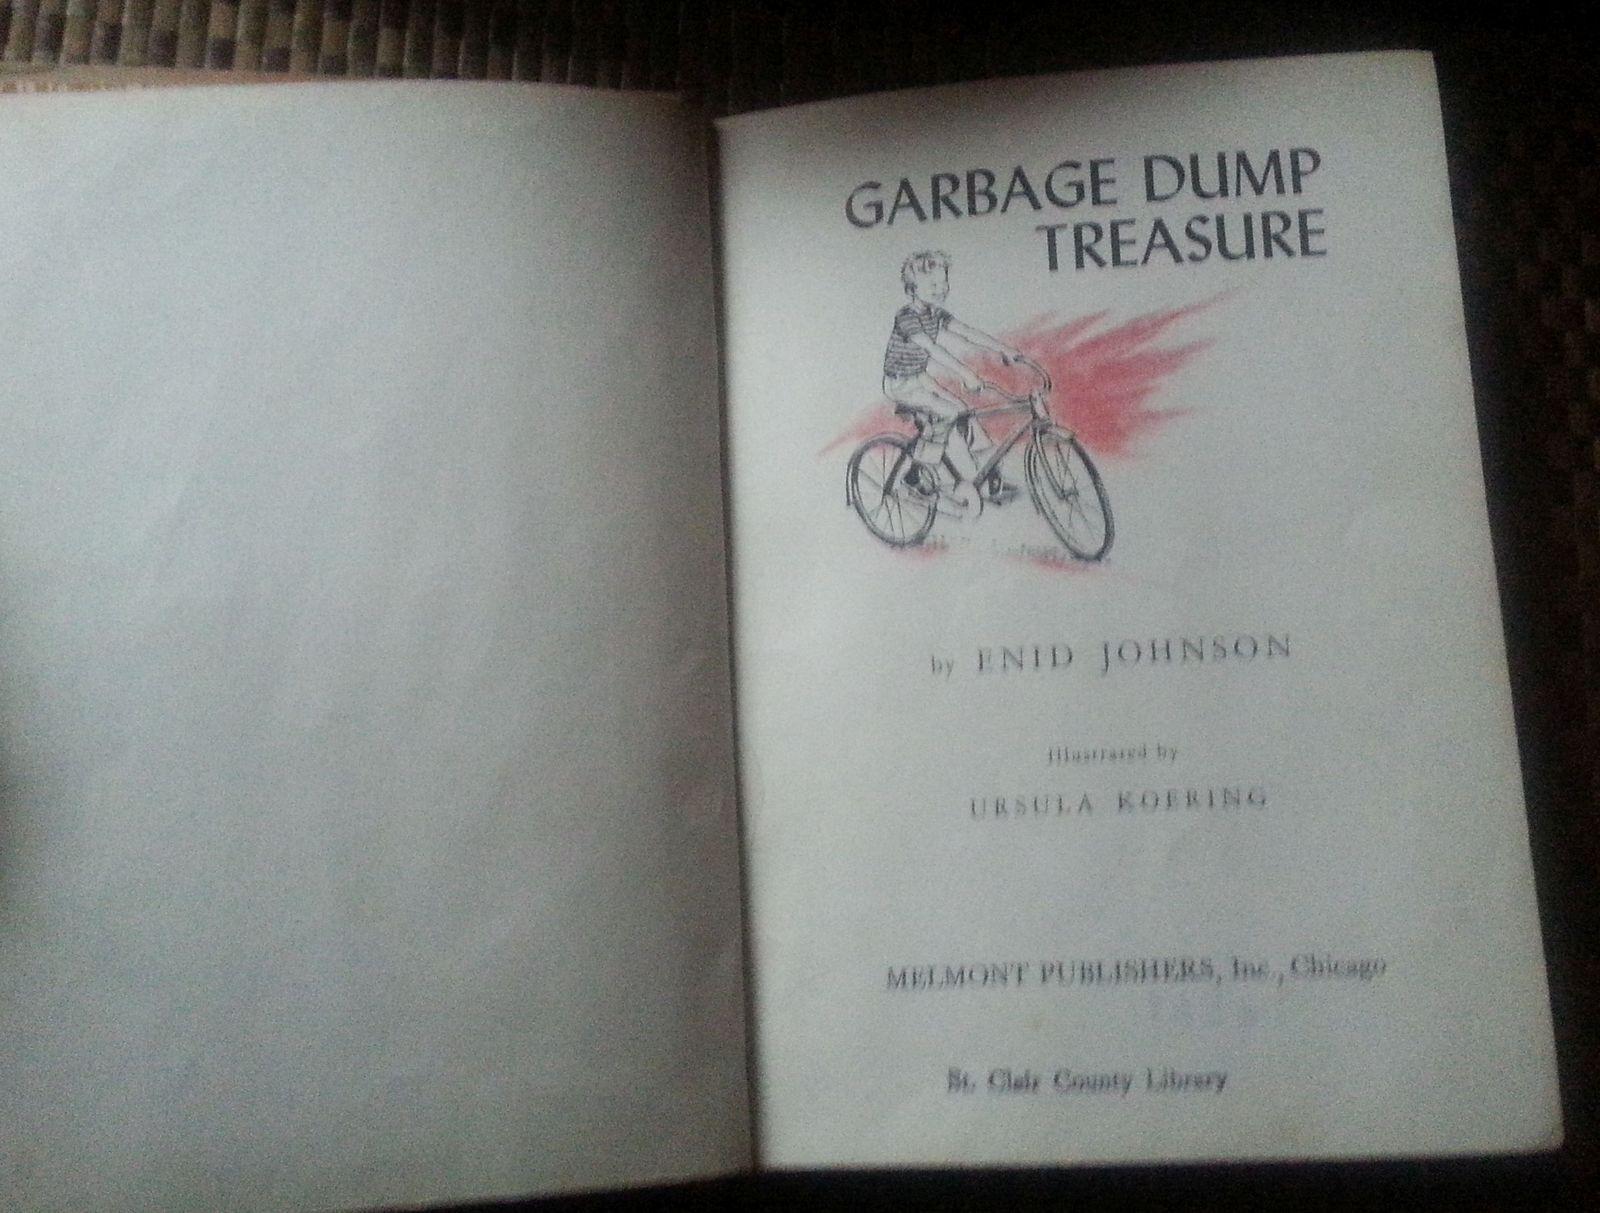 Garbage Dump Treasure by Enid Johnson 1964 HB